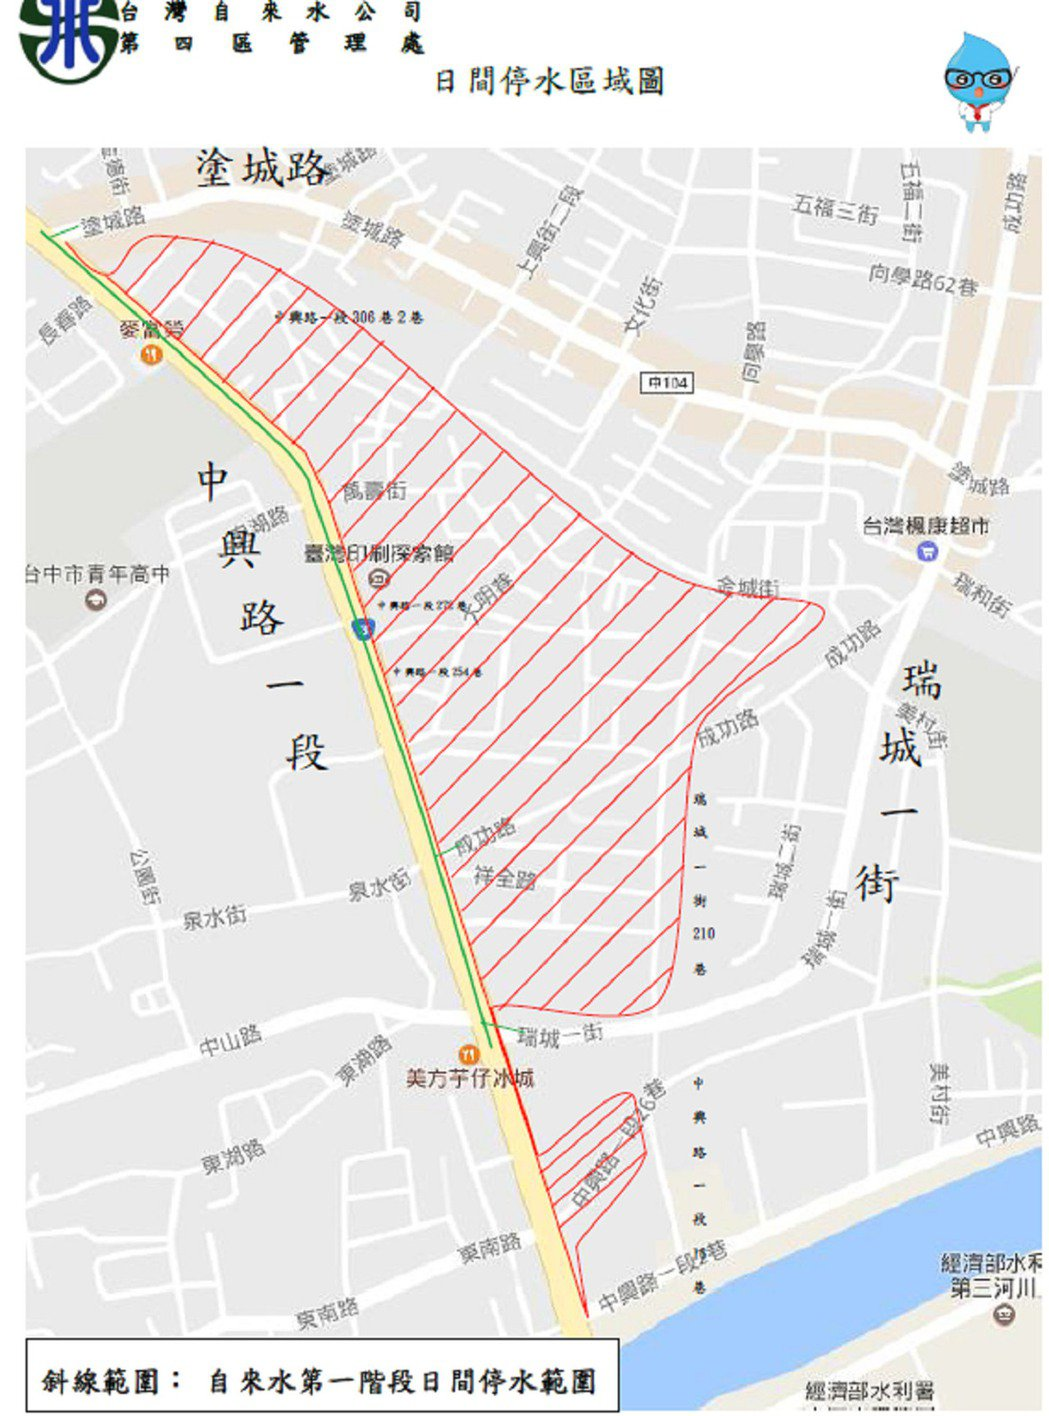 台中大里區中興路一段沿線飽受淹水之苦,台中市水利局規劃闢設下水道改善。自來水公司...